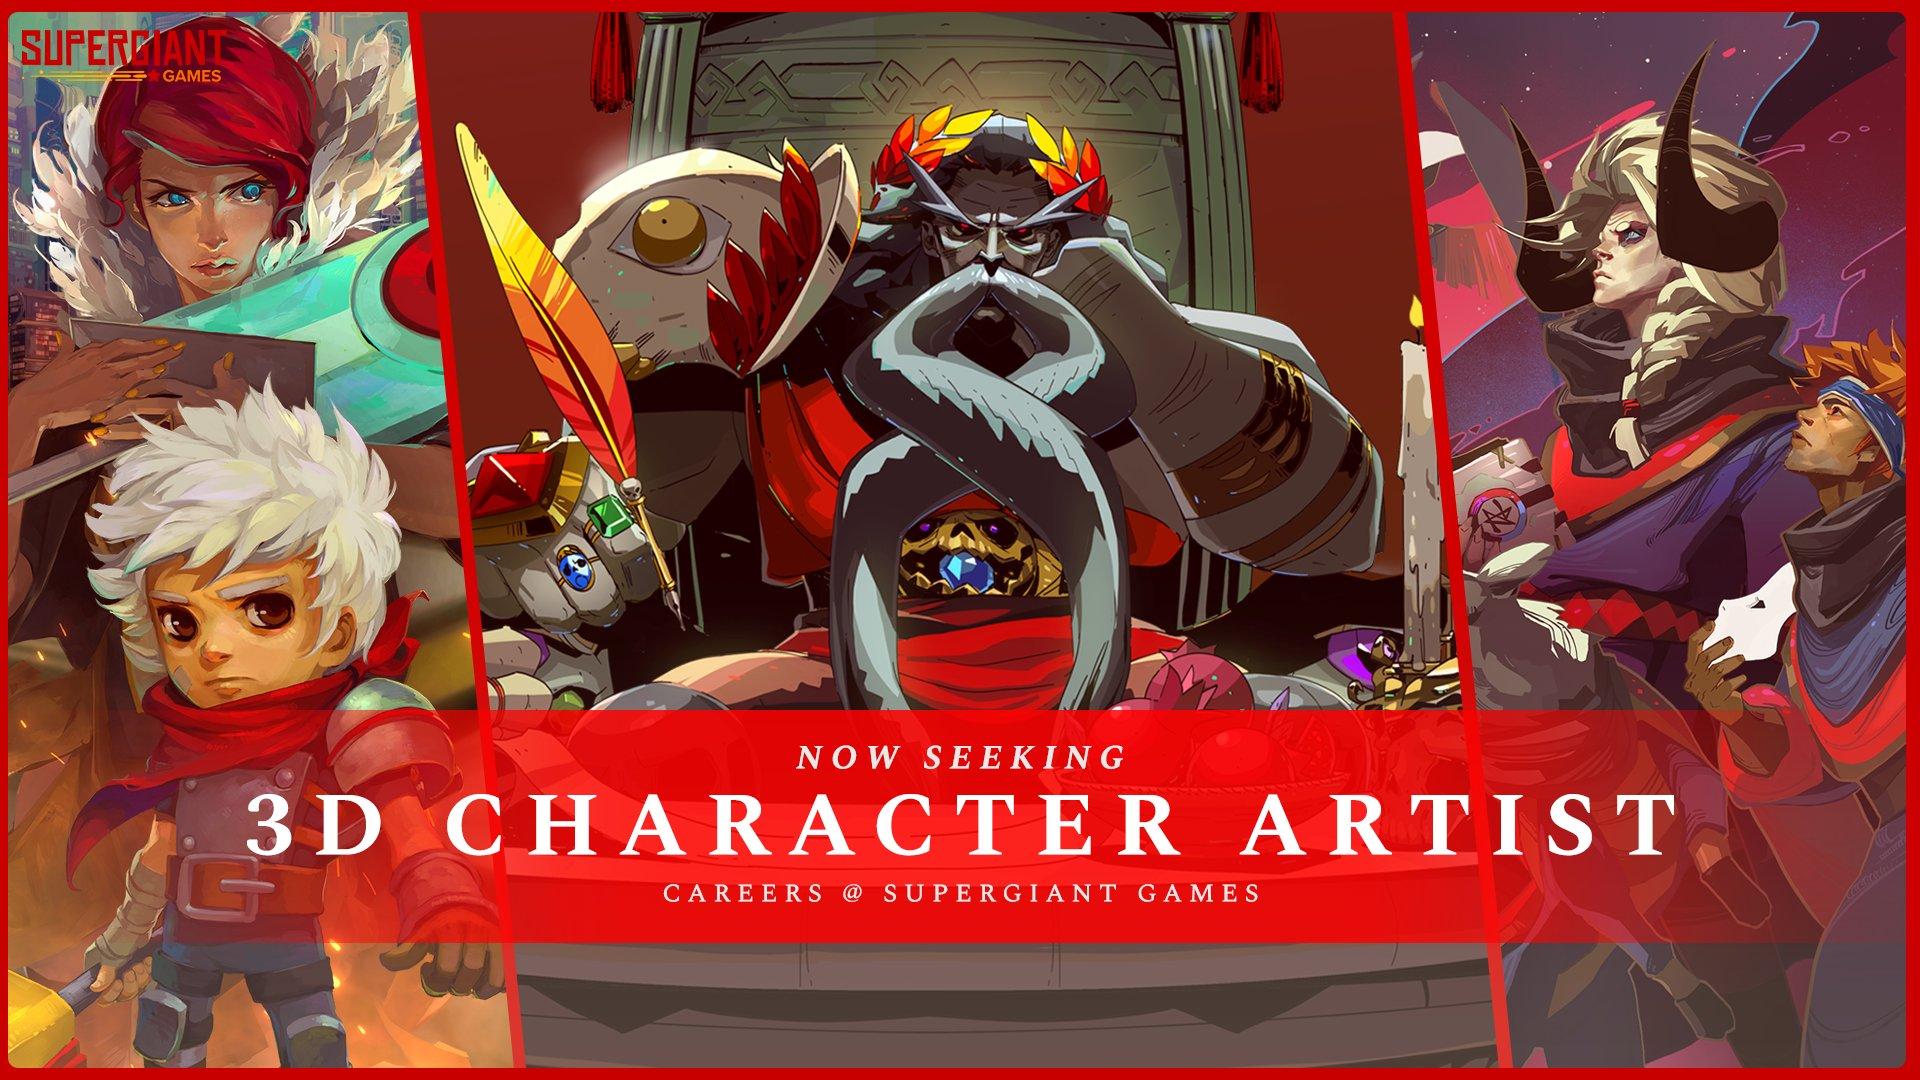 now seeking 3d character artist